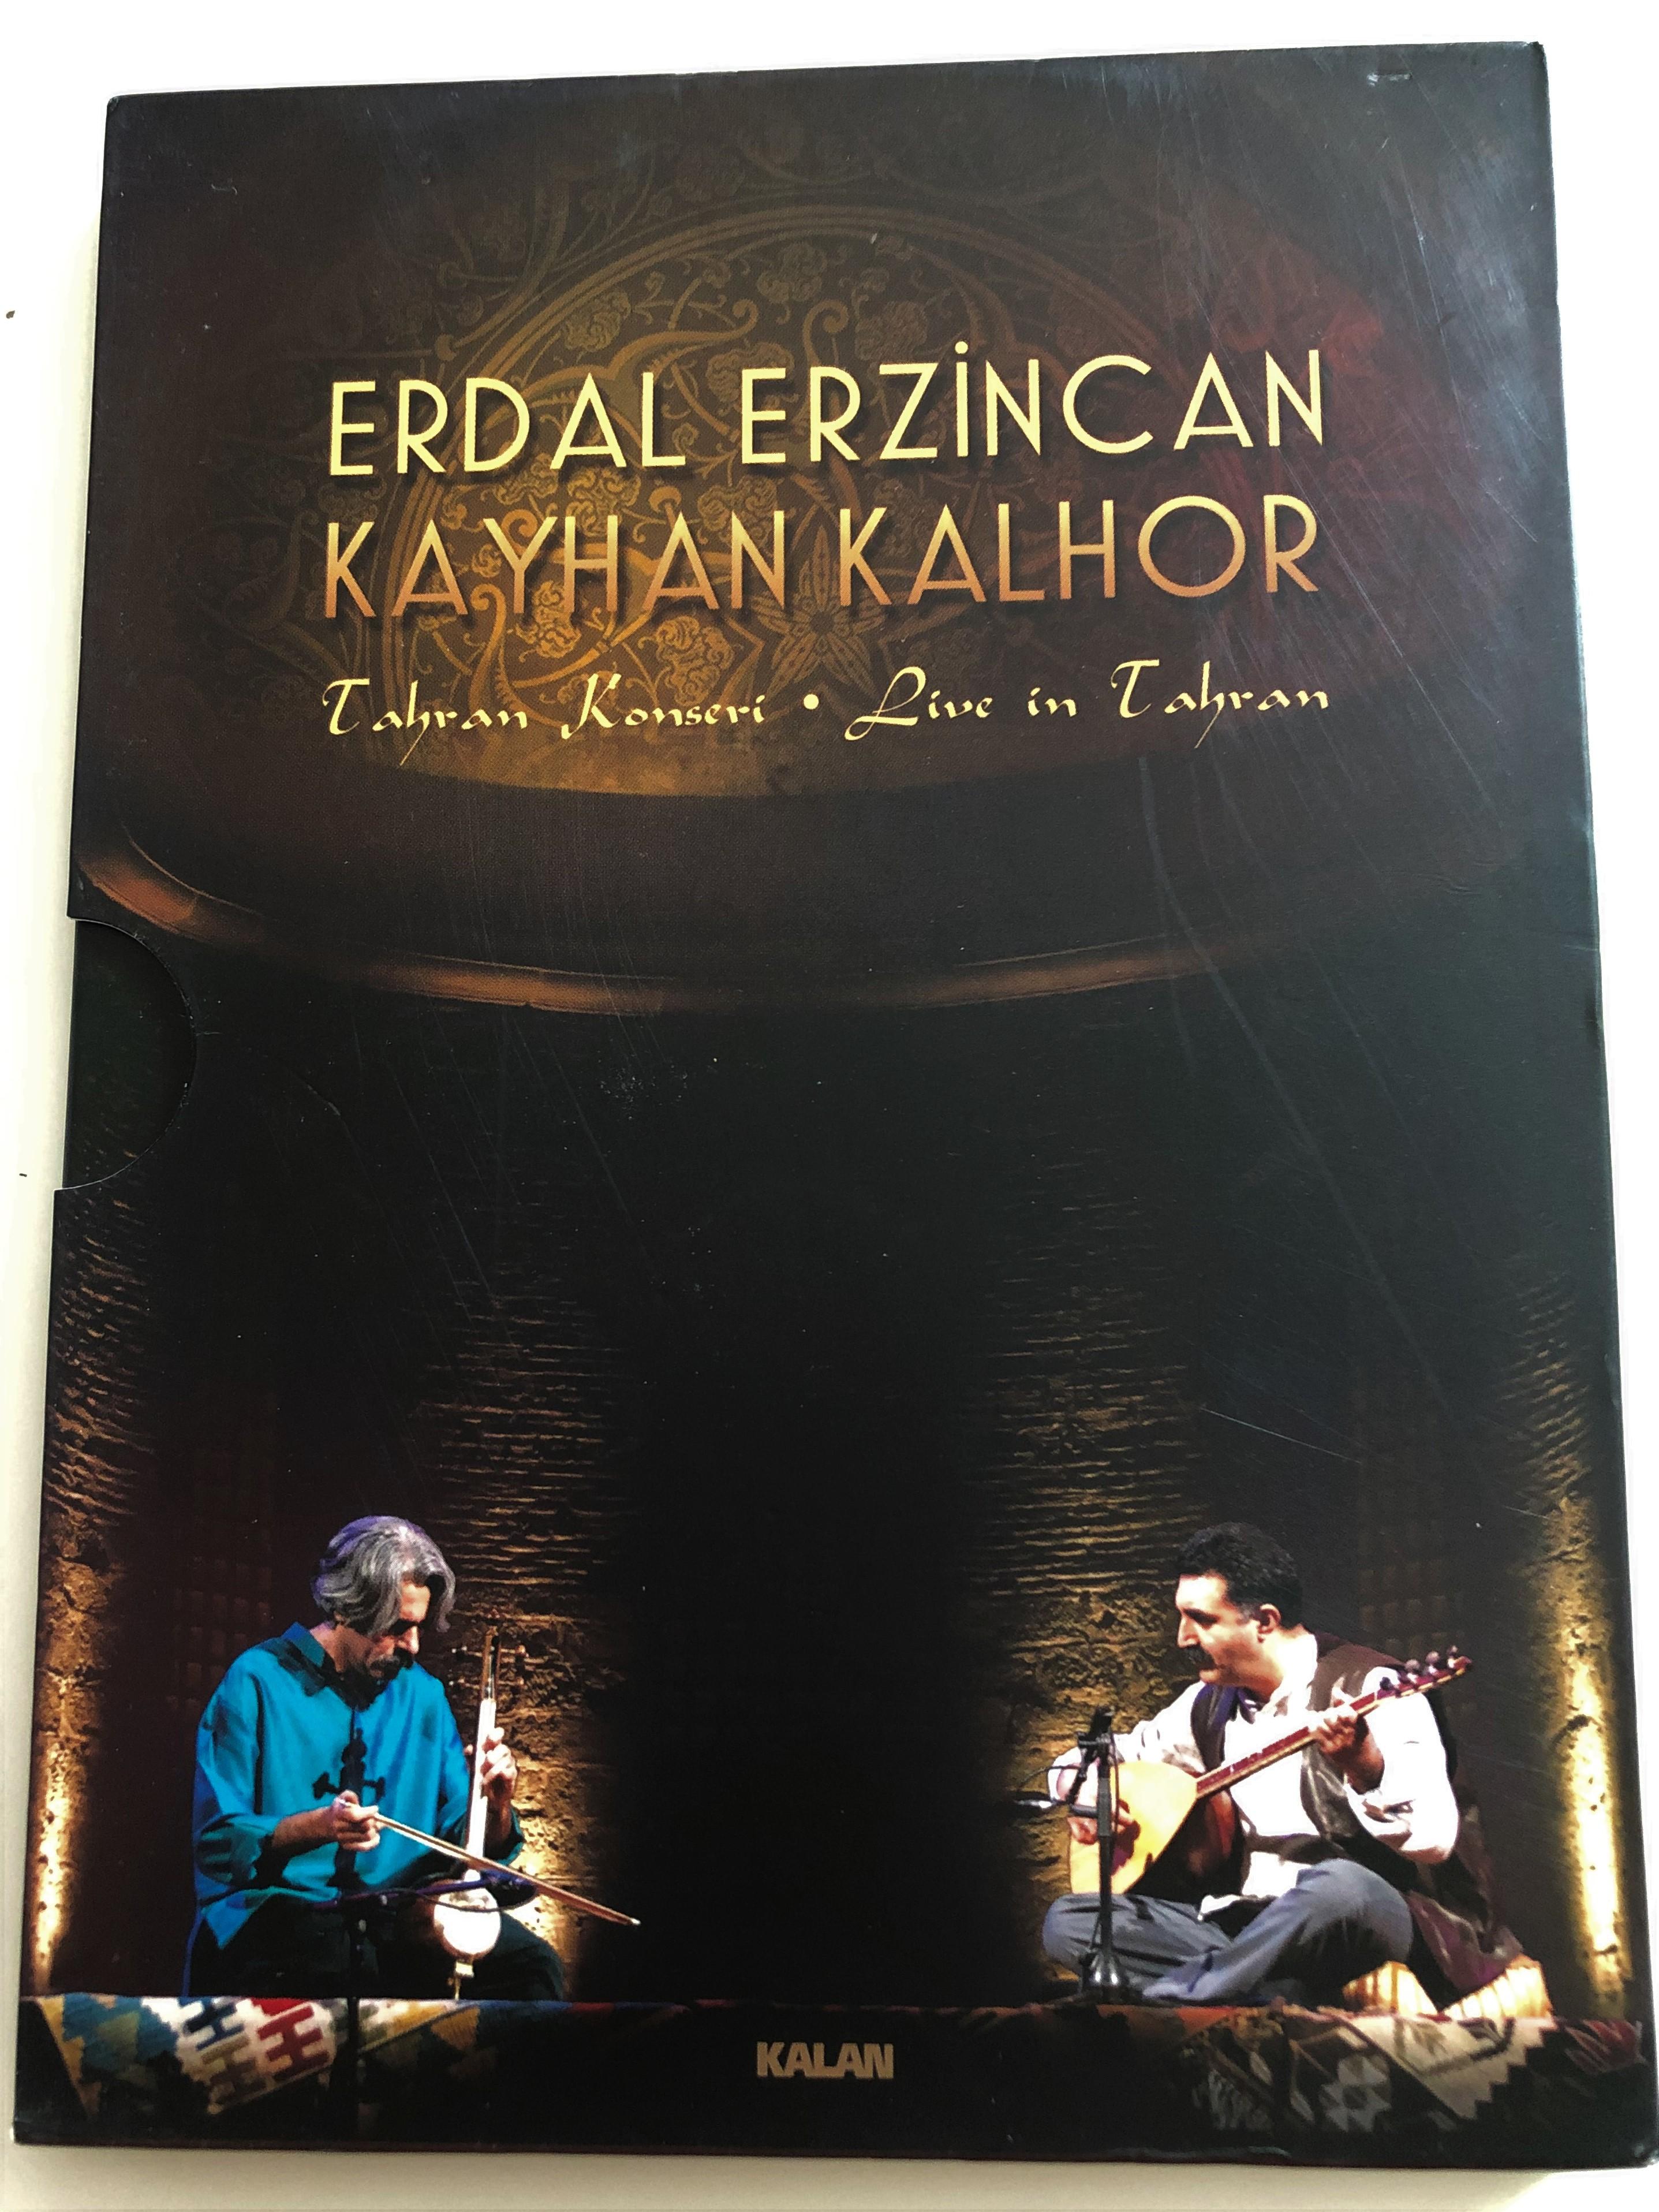 erdal-erzincan-kayhan-kalhor-tahran-konseri-live-in-tahran-dvd-2012-kalan-m-zik-live-concert-recording-1-.jpg